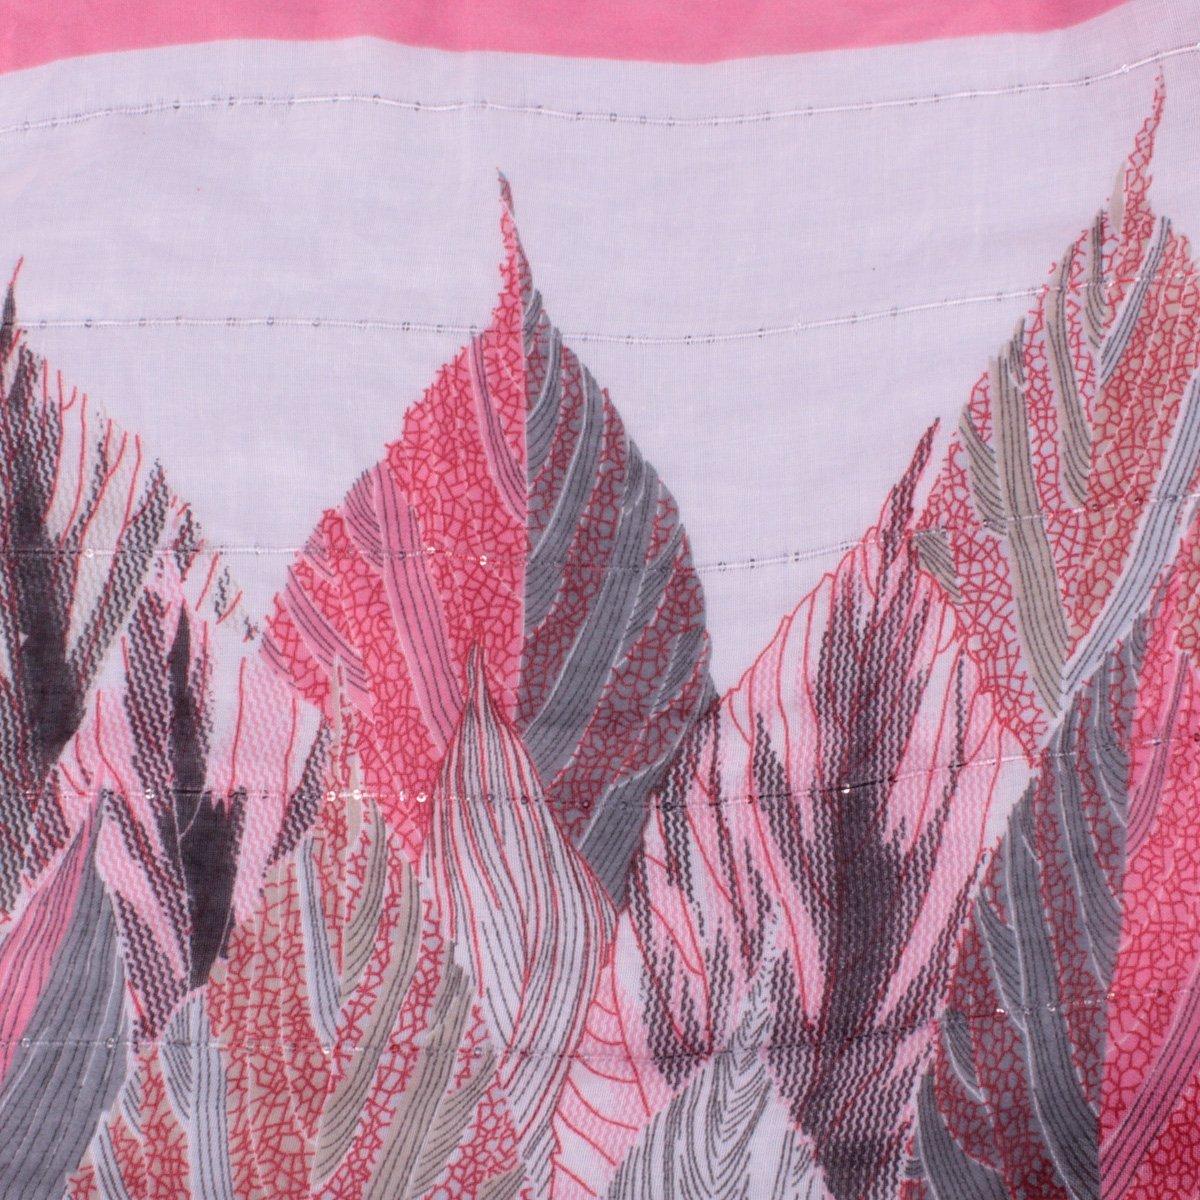 e386b44ba81b Coindesfilles Echarpe Corail ribambelle de Plumes Roses Rouges et Beiges   Amazon.fr  Bijoux